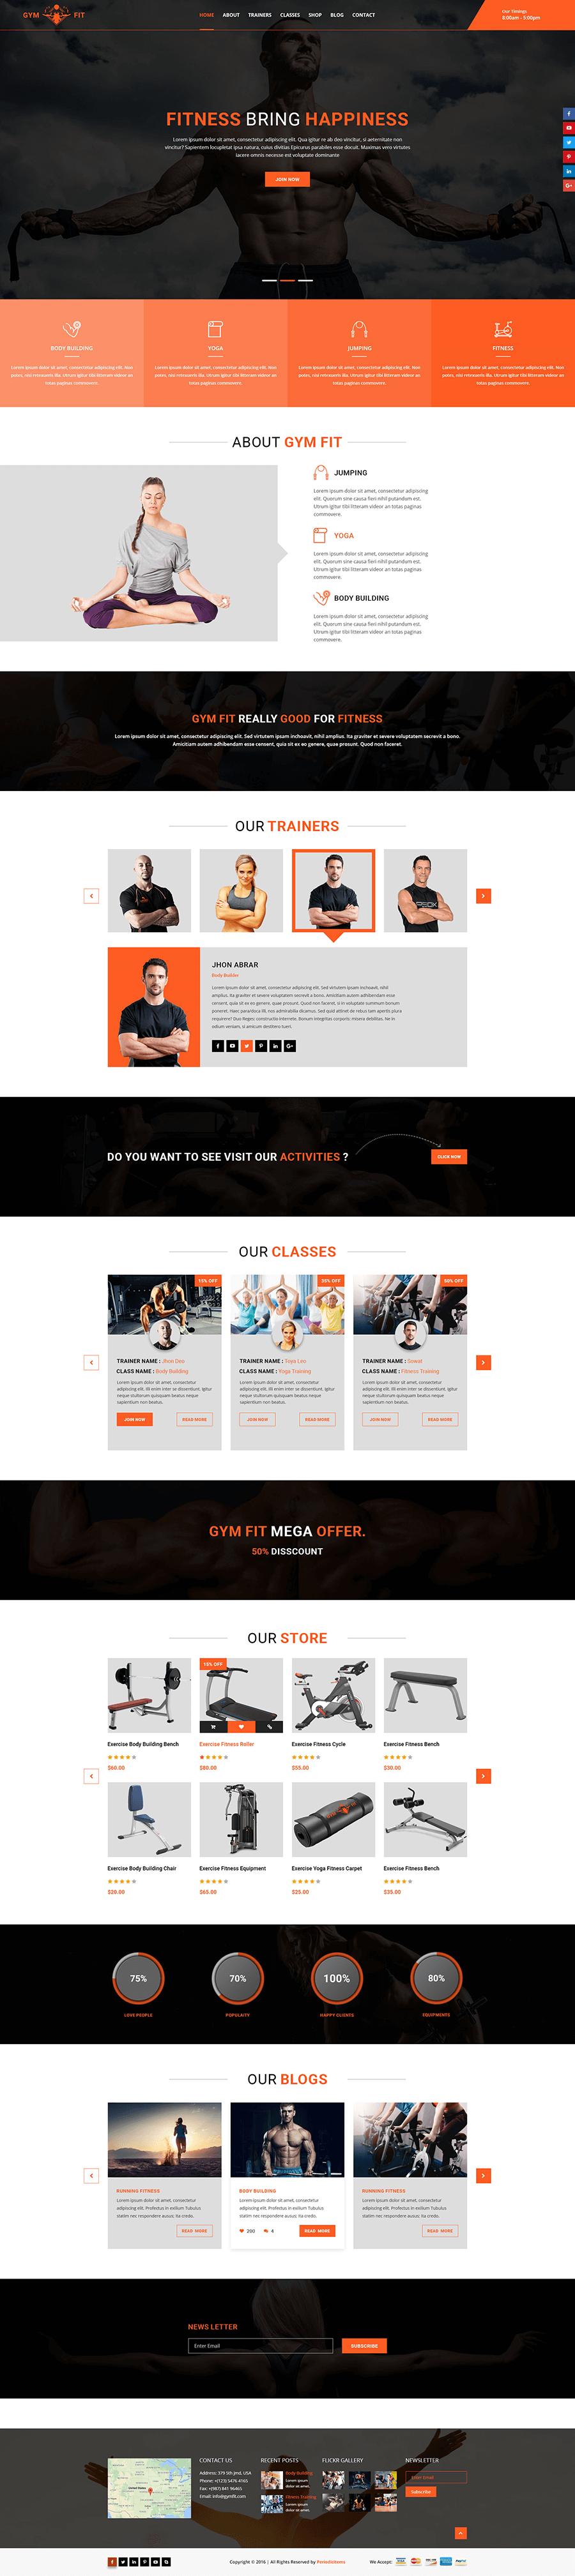 Thiết kế website phòng Gym, yoga | Độc quyền chuẩn SEO | Mona Media